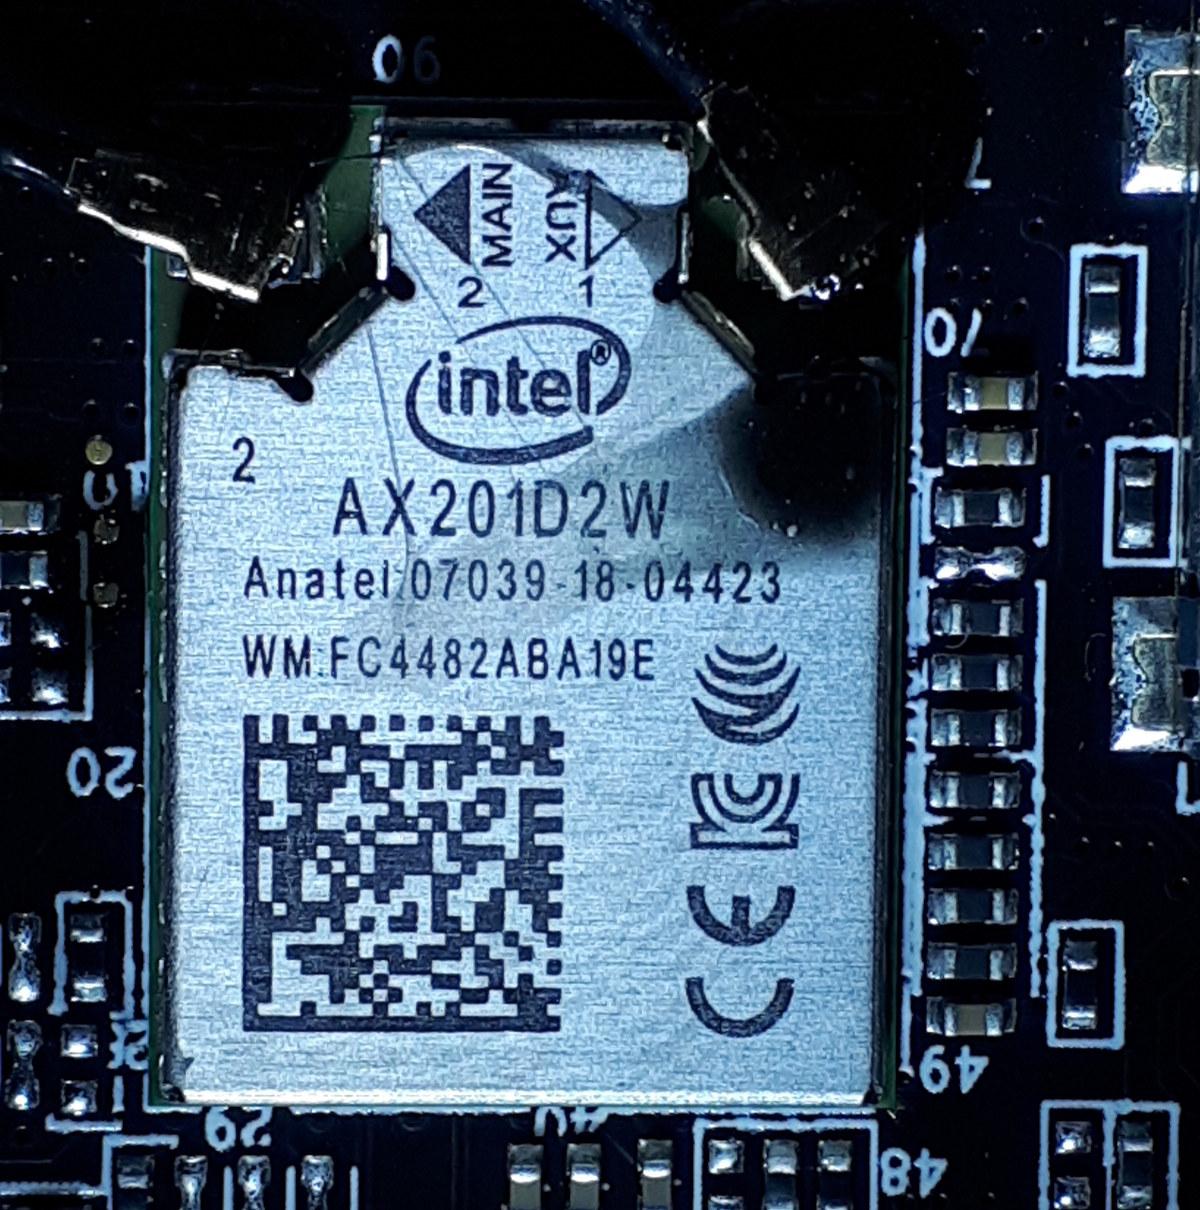 Intel AX201D2W